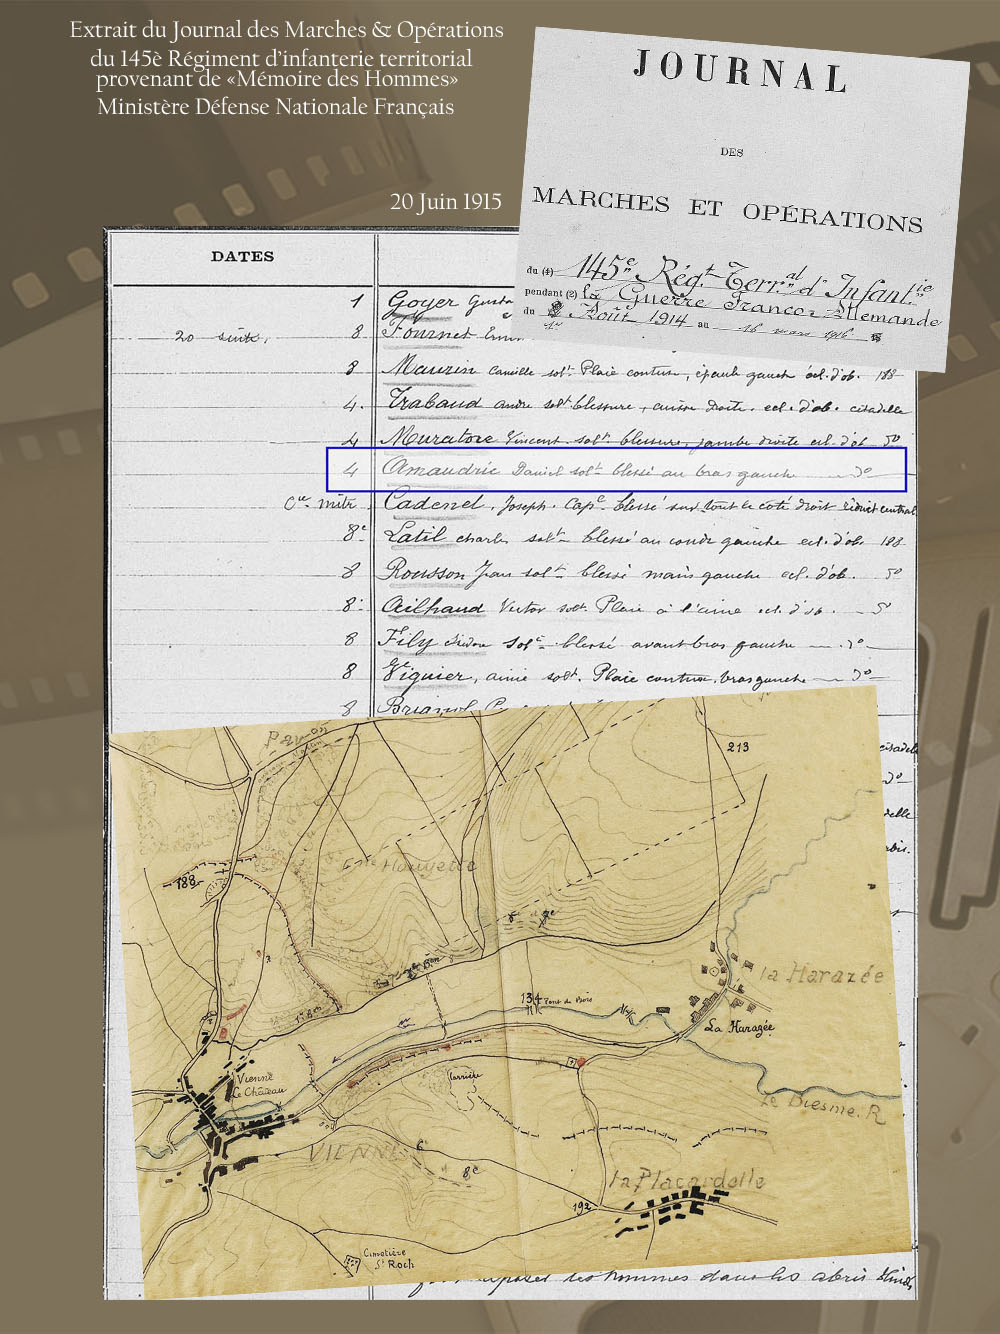 site to fr extrait jmo 20 juin 1915 145 rit